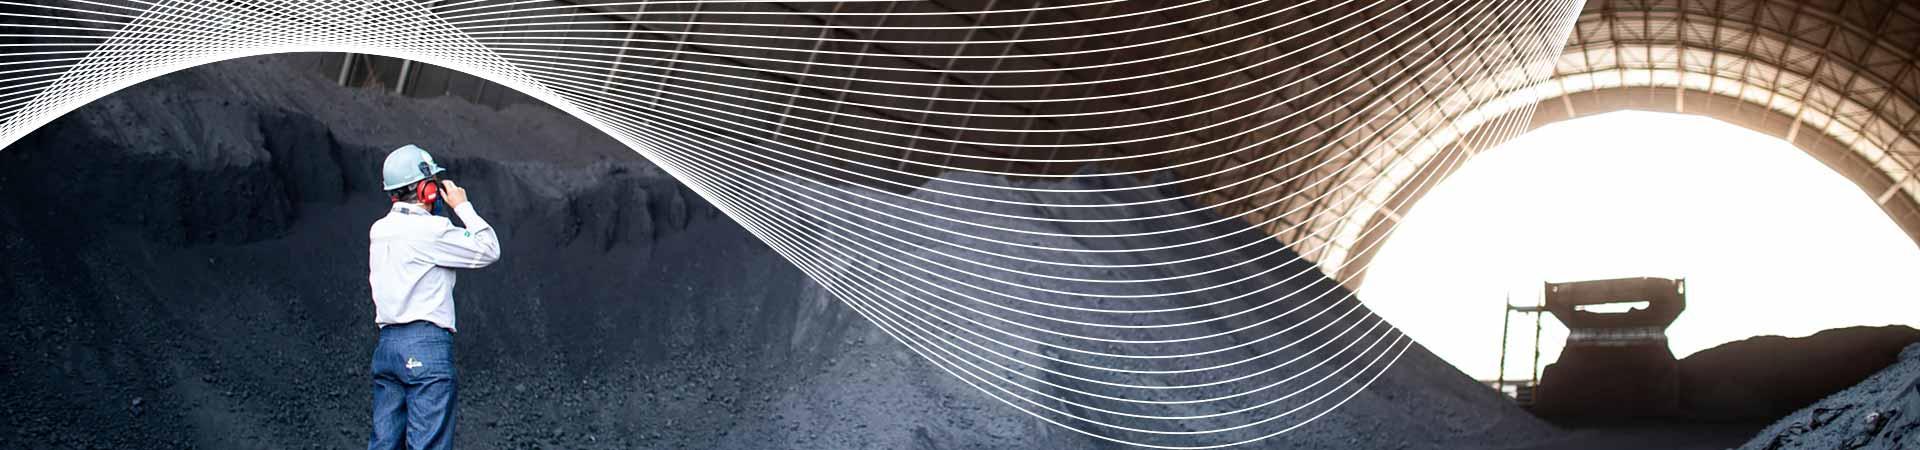 sistema de coprocessamento realizado na cimento apodi, uma de suas ações sustentáveis